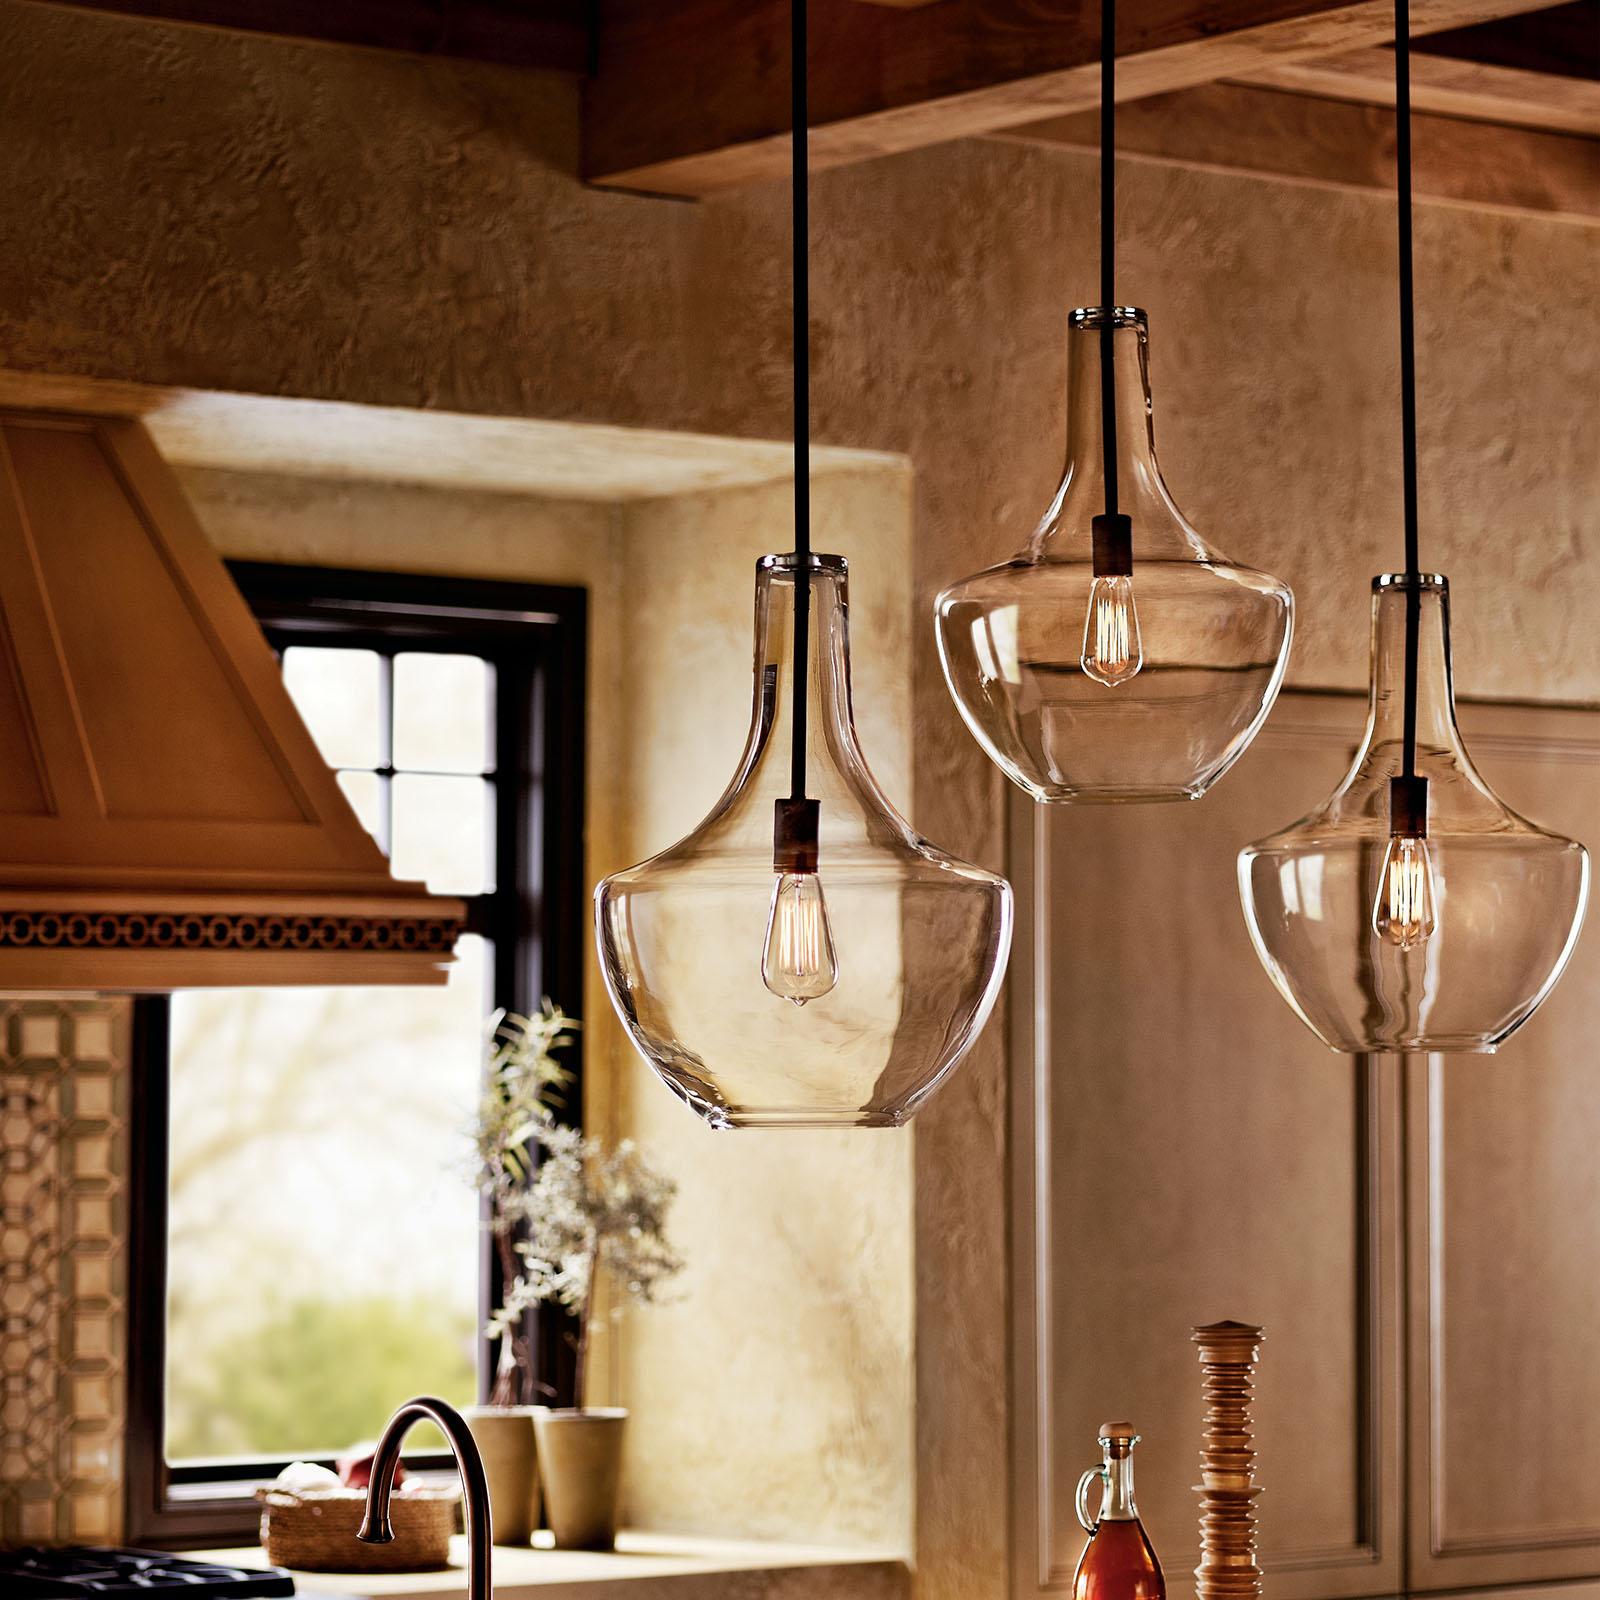 Everly 19 75 1 Light Pendant Clear Glass Olde Bronze Kichler Lighting